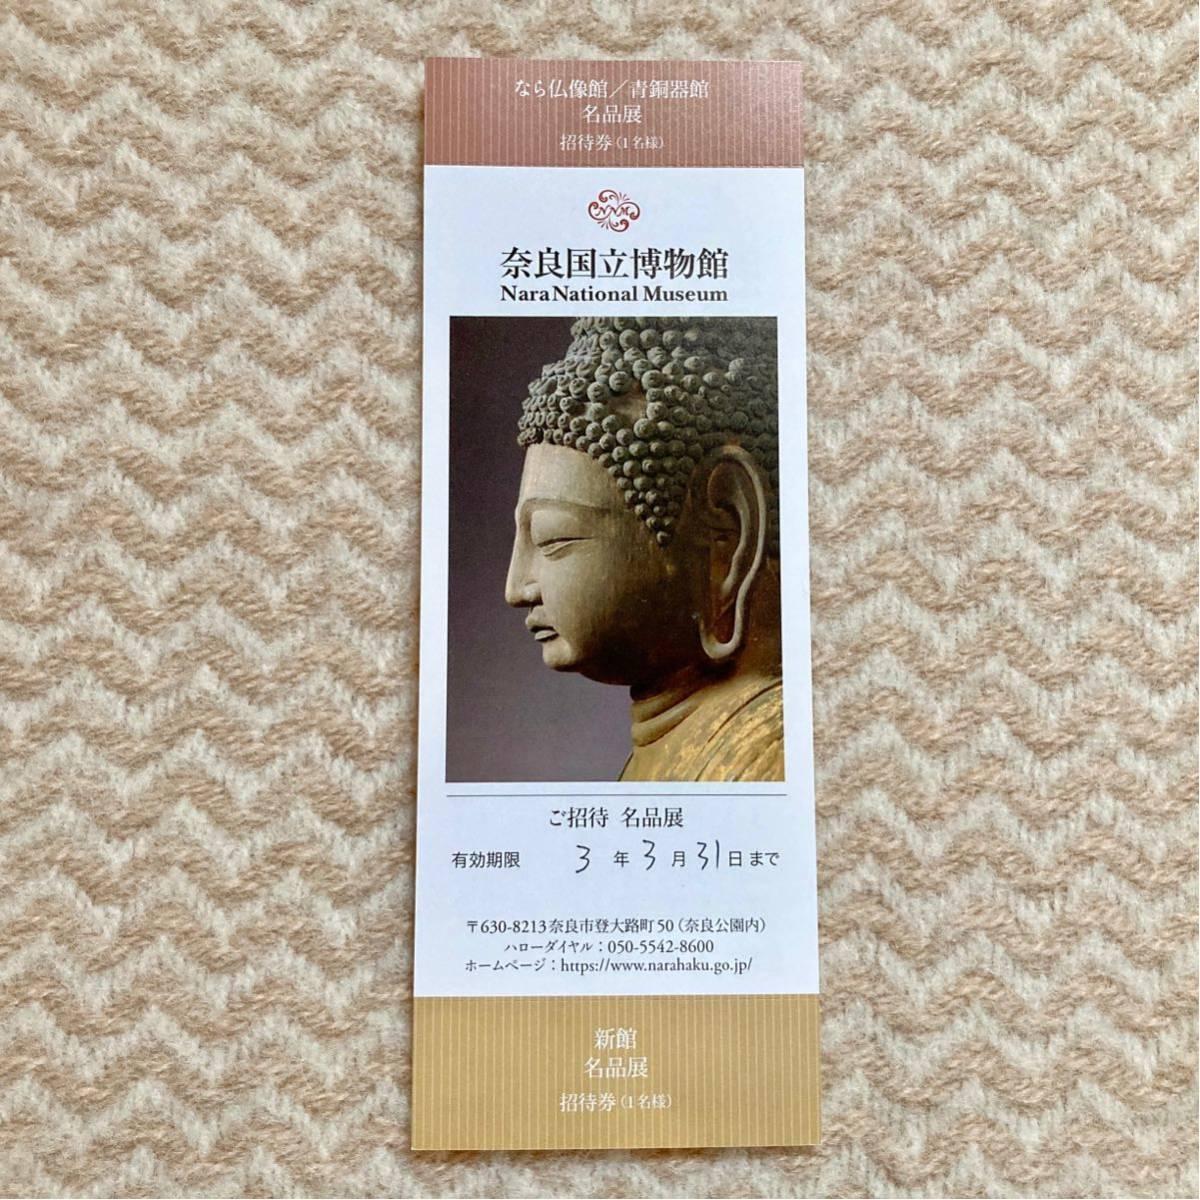 奈良国立博物館 お水取り チケット 招待券 1枚 無料観覧券_画像1